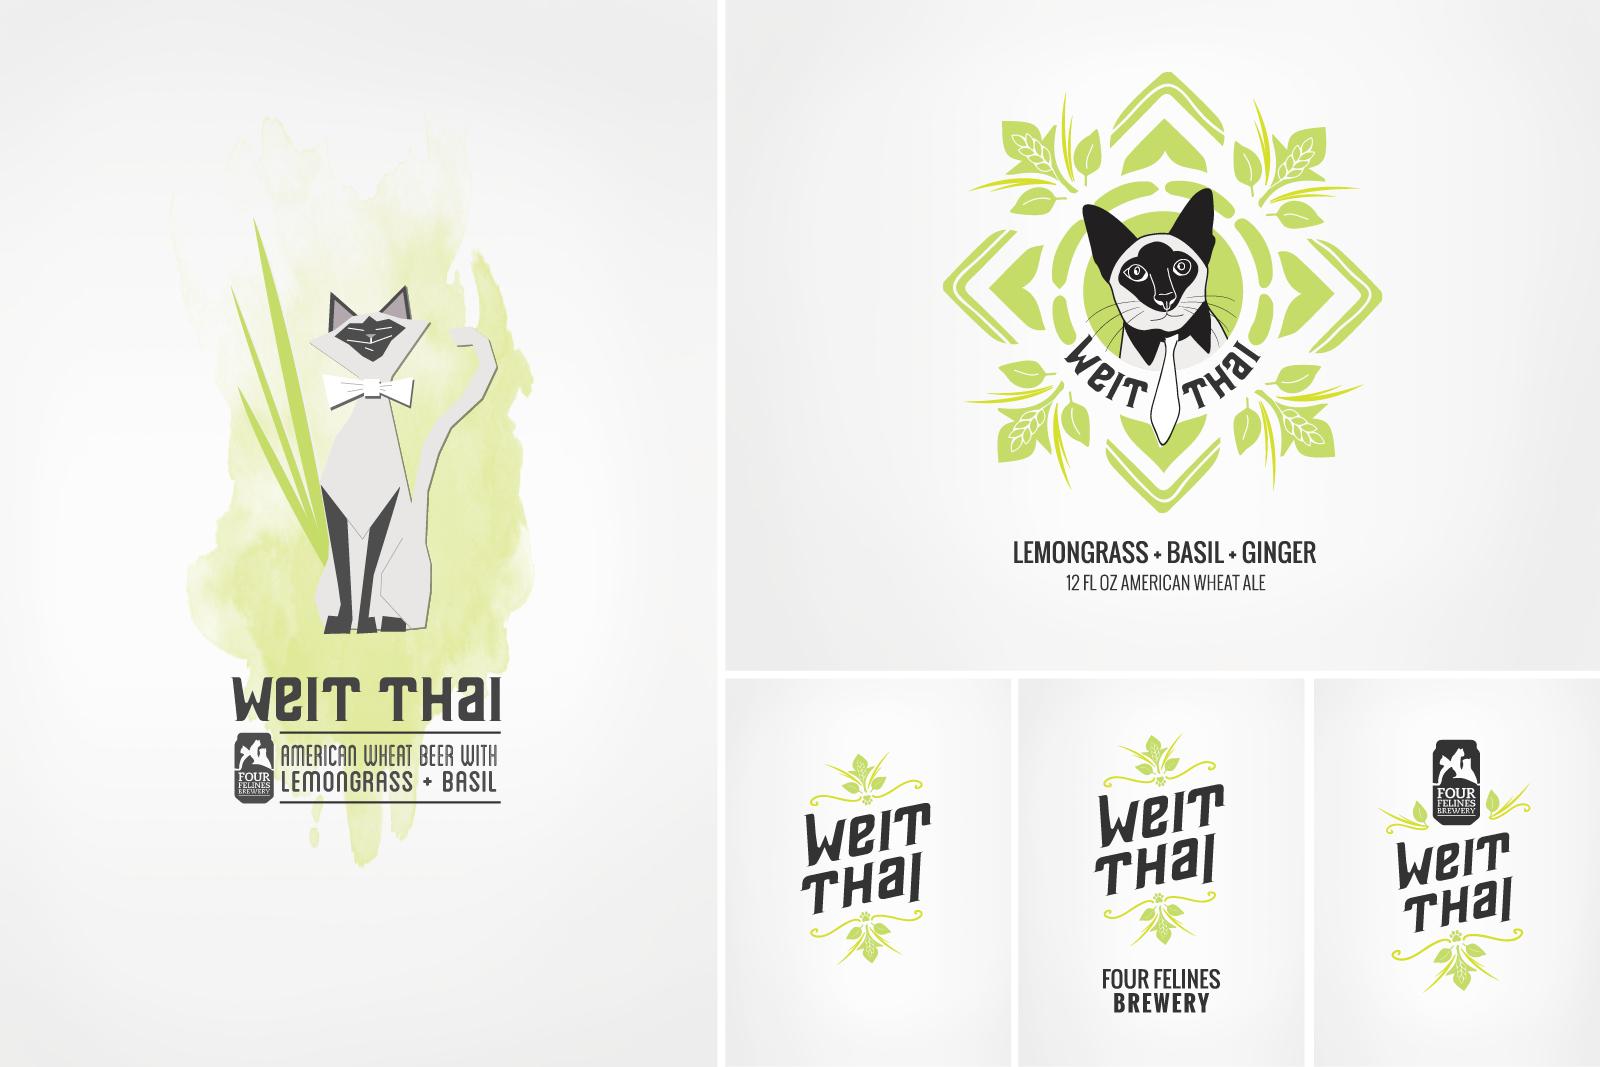 Weit Thai Beer Packaging Artwork Options